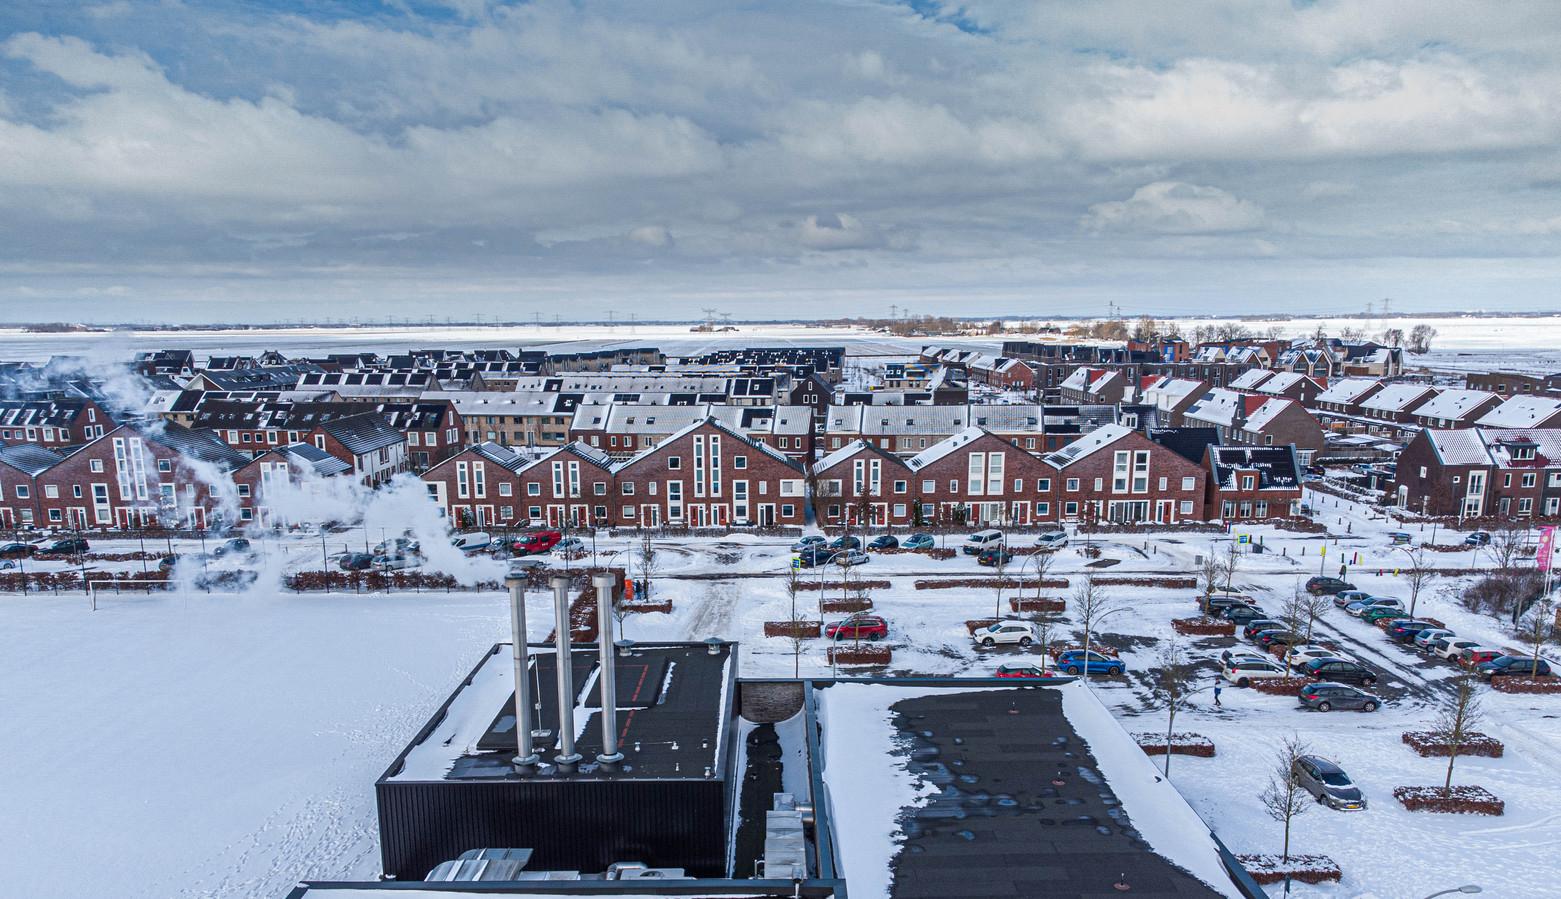 Op de voorgrond de biomassacentrale, op de achtergrond de wijk Breecamp die door de installatie van warmte wordt voorzien.